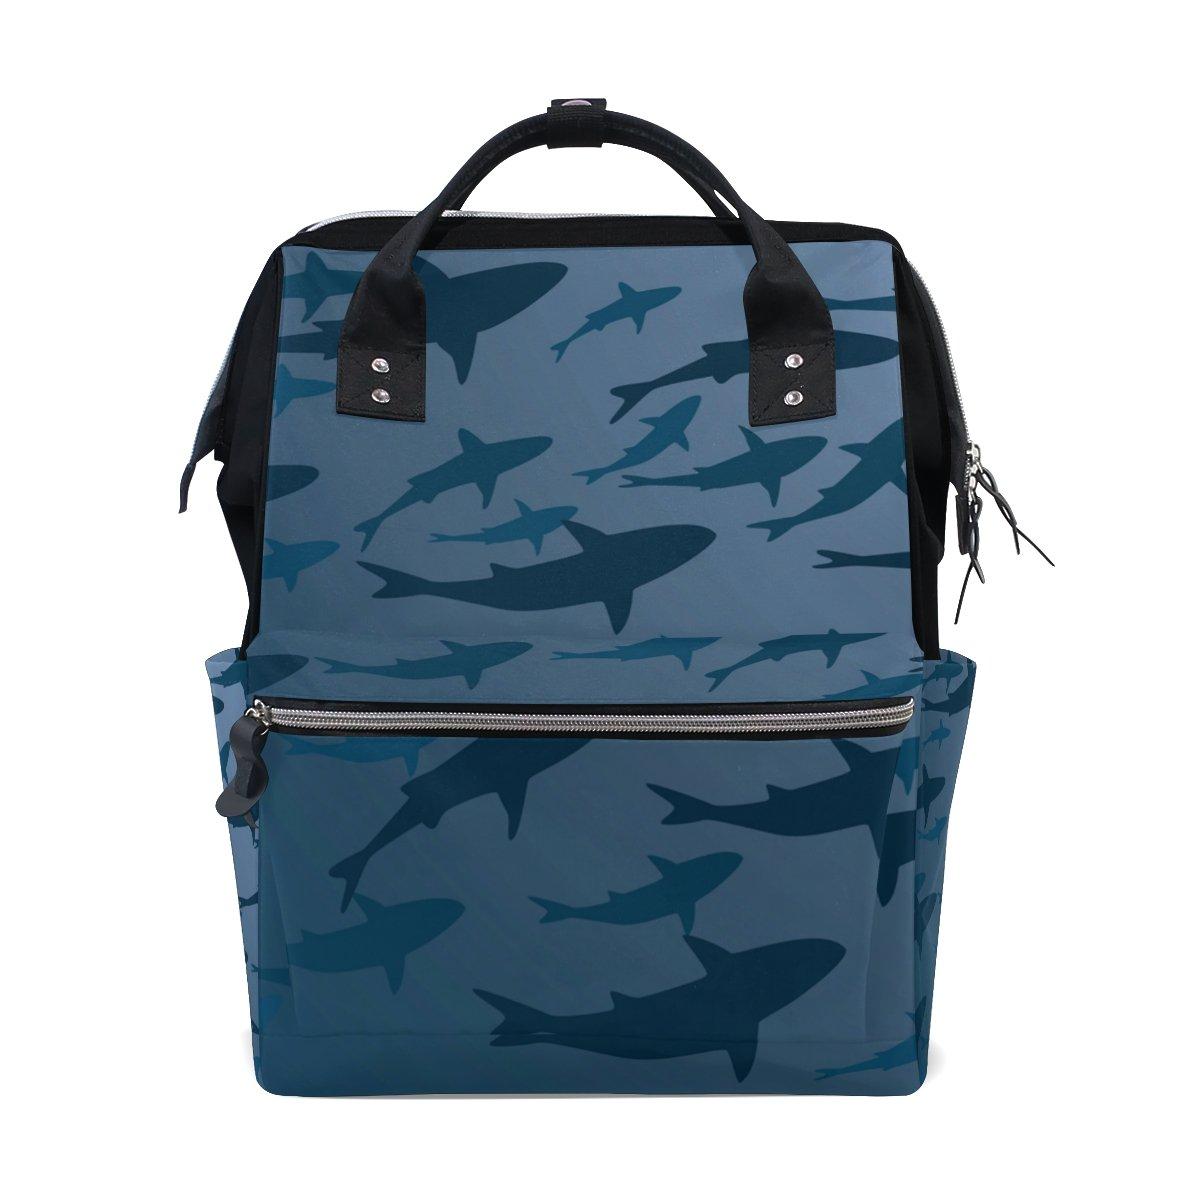 Bolsa de pañales para mamá, bolsa de pañales de gran capacidad, silueta de tiburón para bebé de abajo de la mochila de viaje multifunción: Amazon.es: Bebé